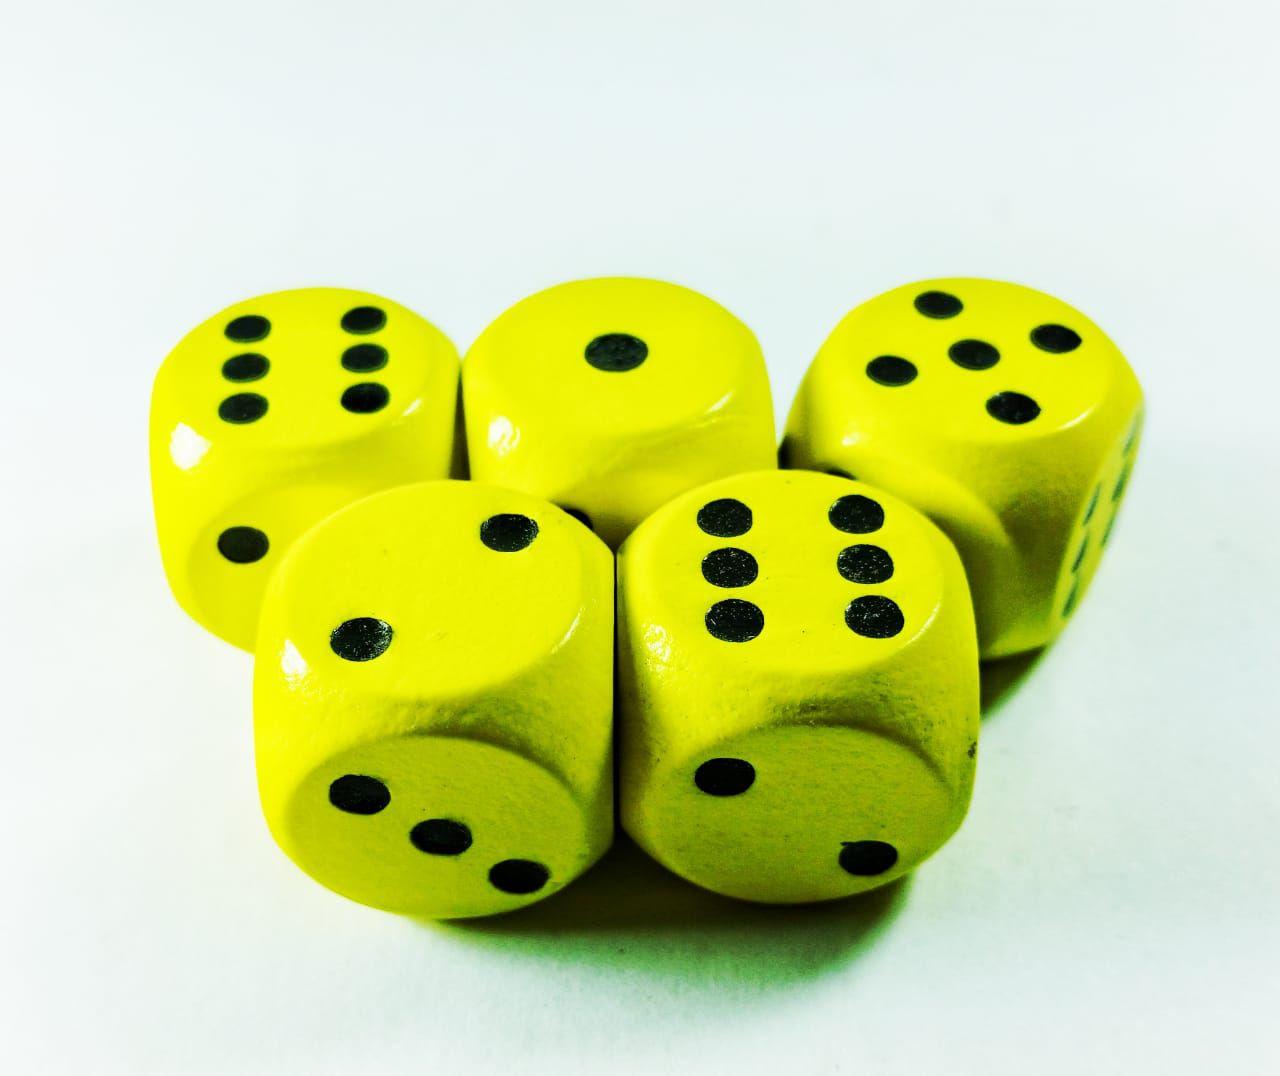 Conjunto 5 dados de madeira D6 amarelos 1,5cm  - Place Games